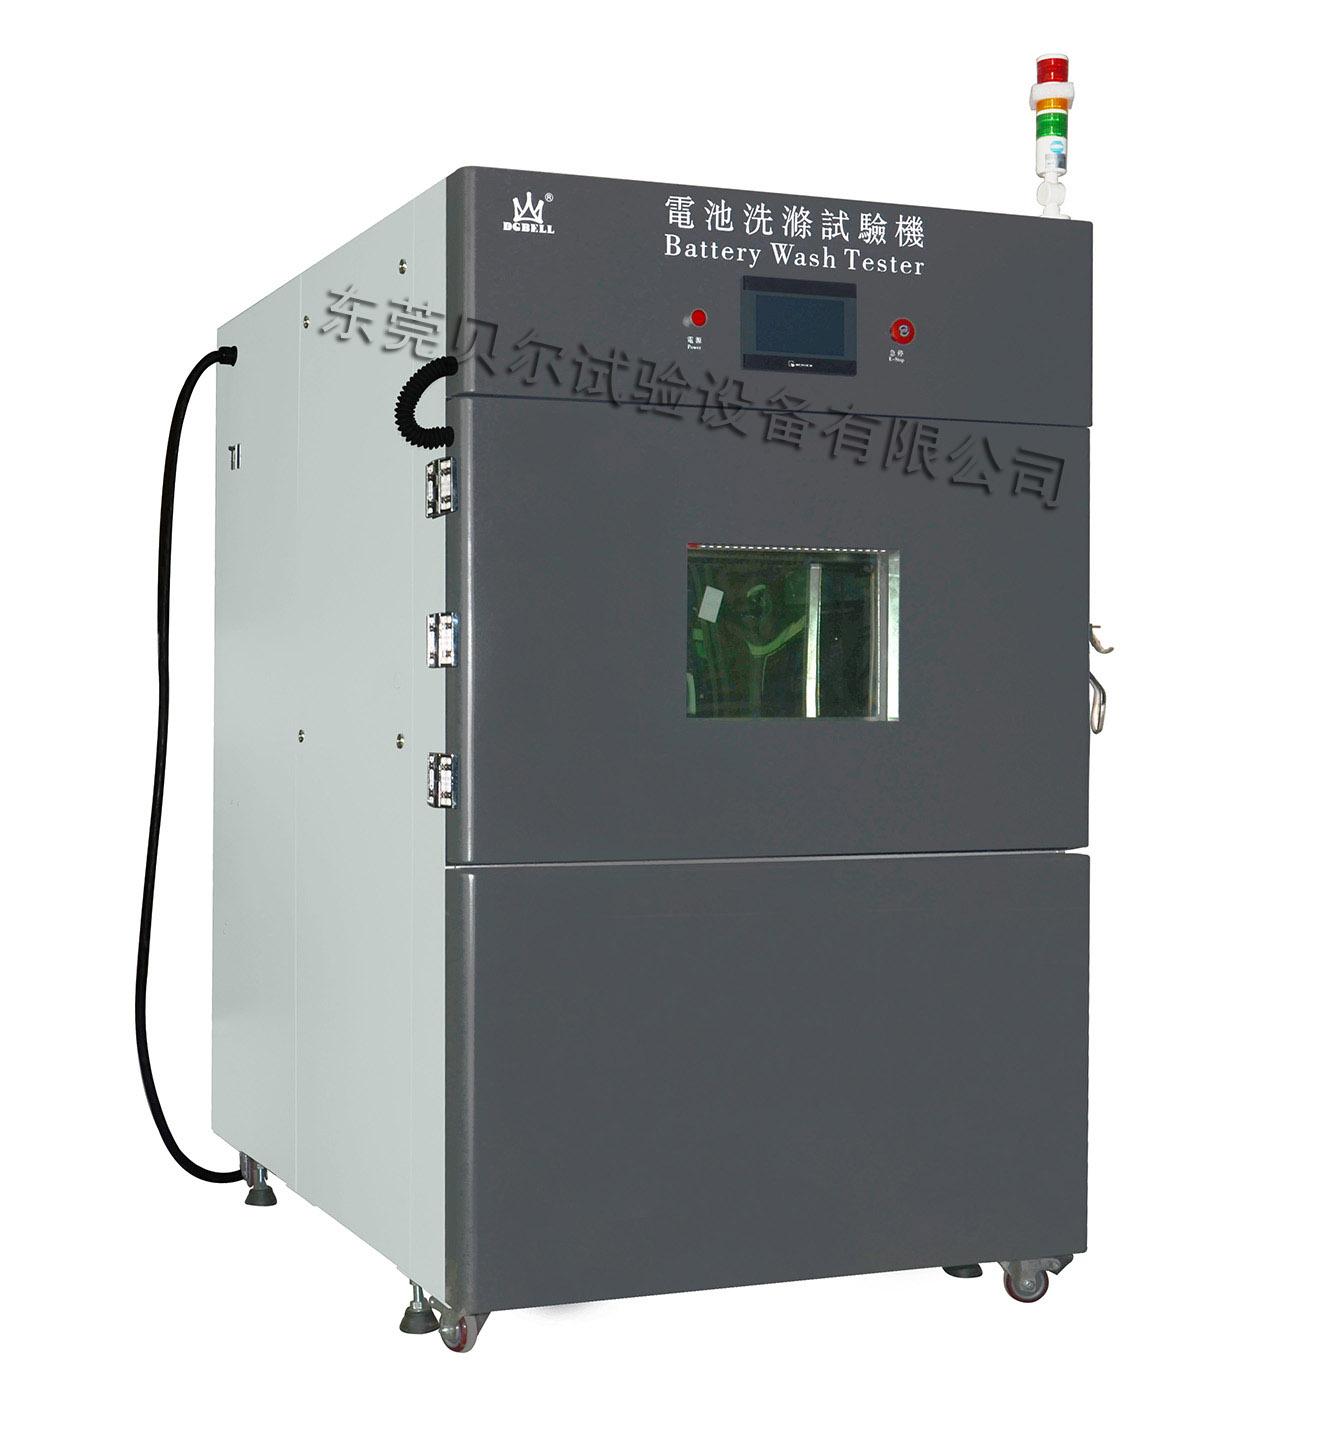 东莞贝尔专利产品电池洗涤试验机